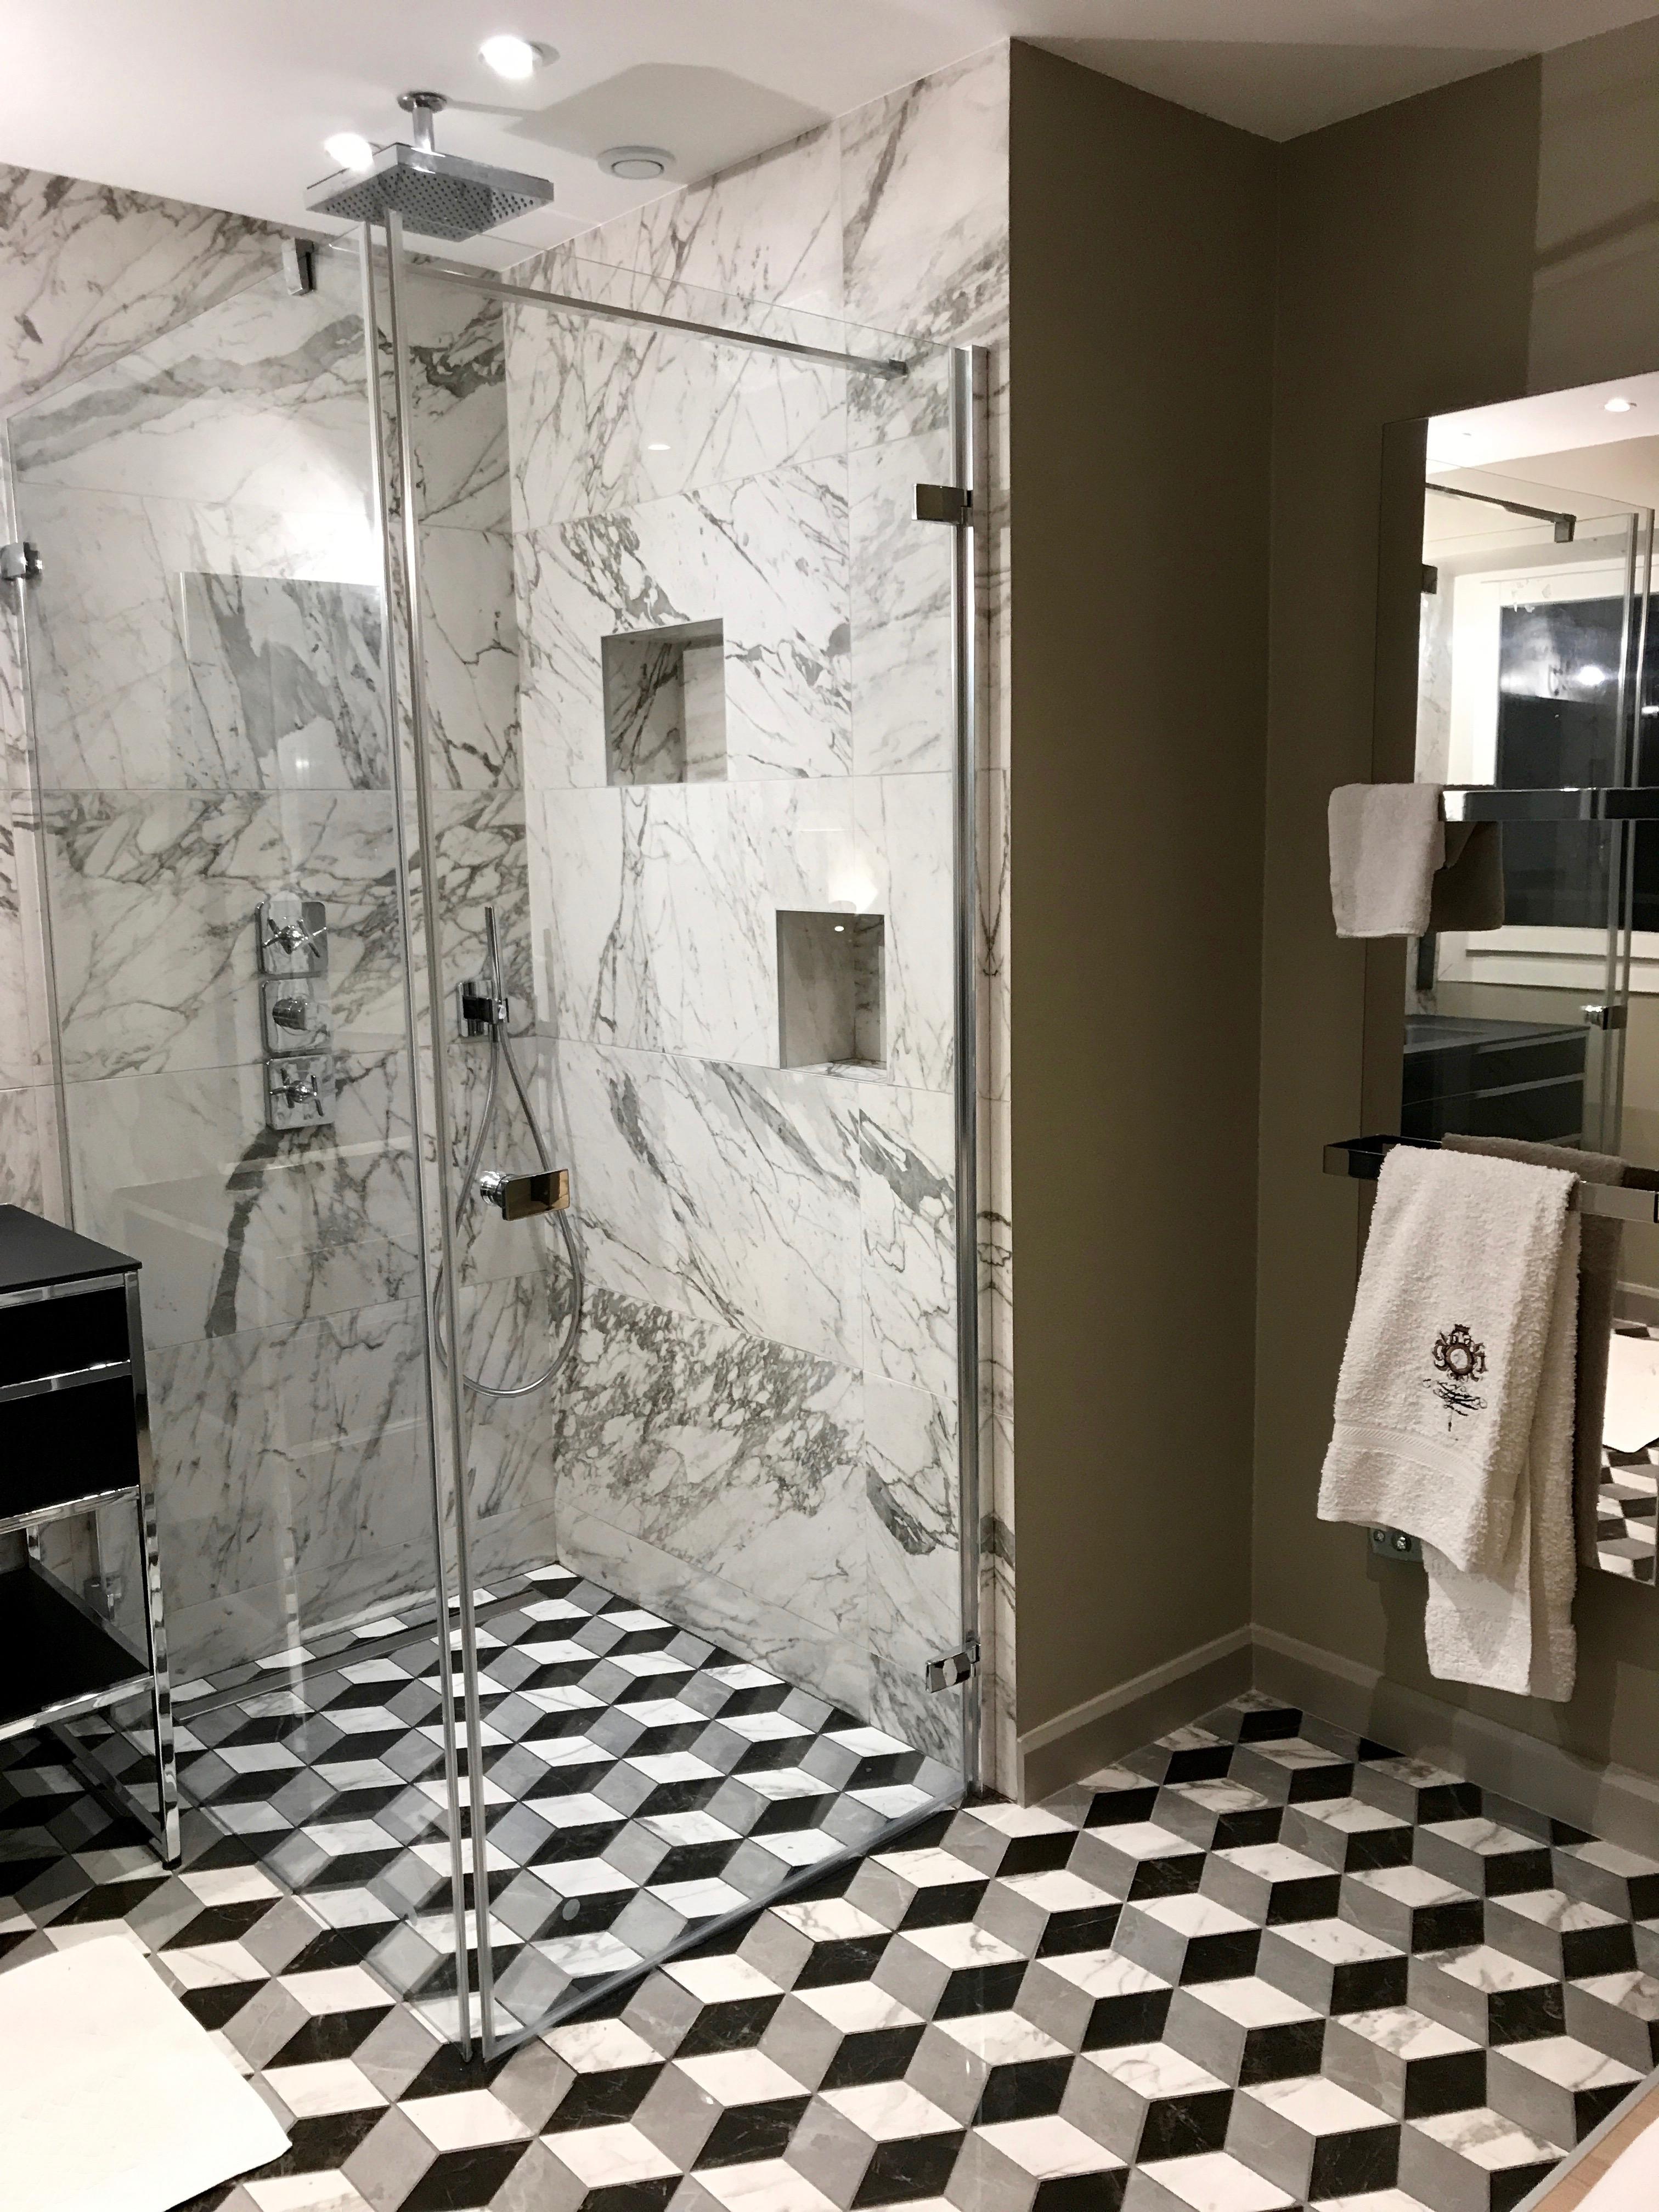 Projet de rénovation totale et optimisation d'espace d'un appartement à Villefranche sur Mer